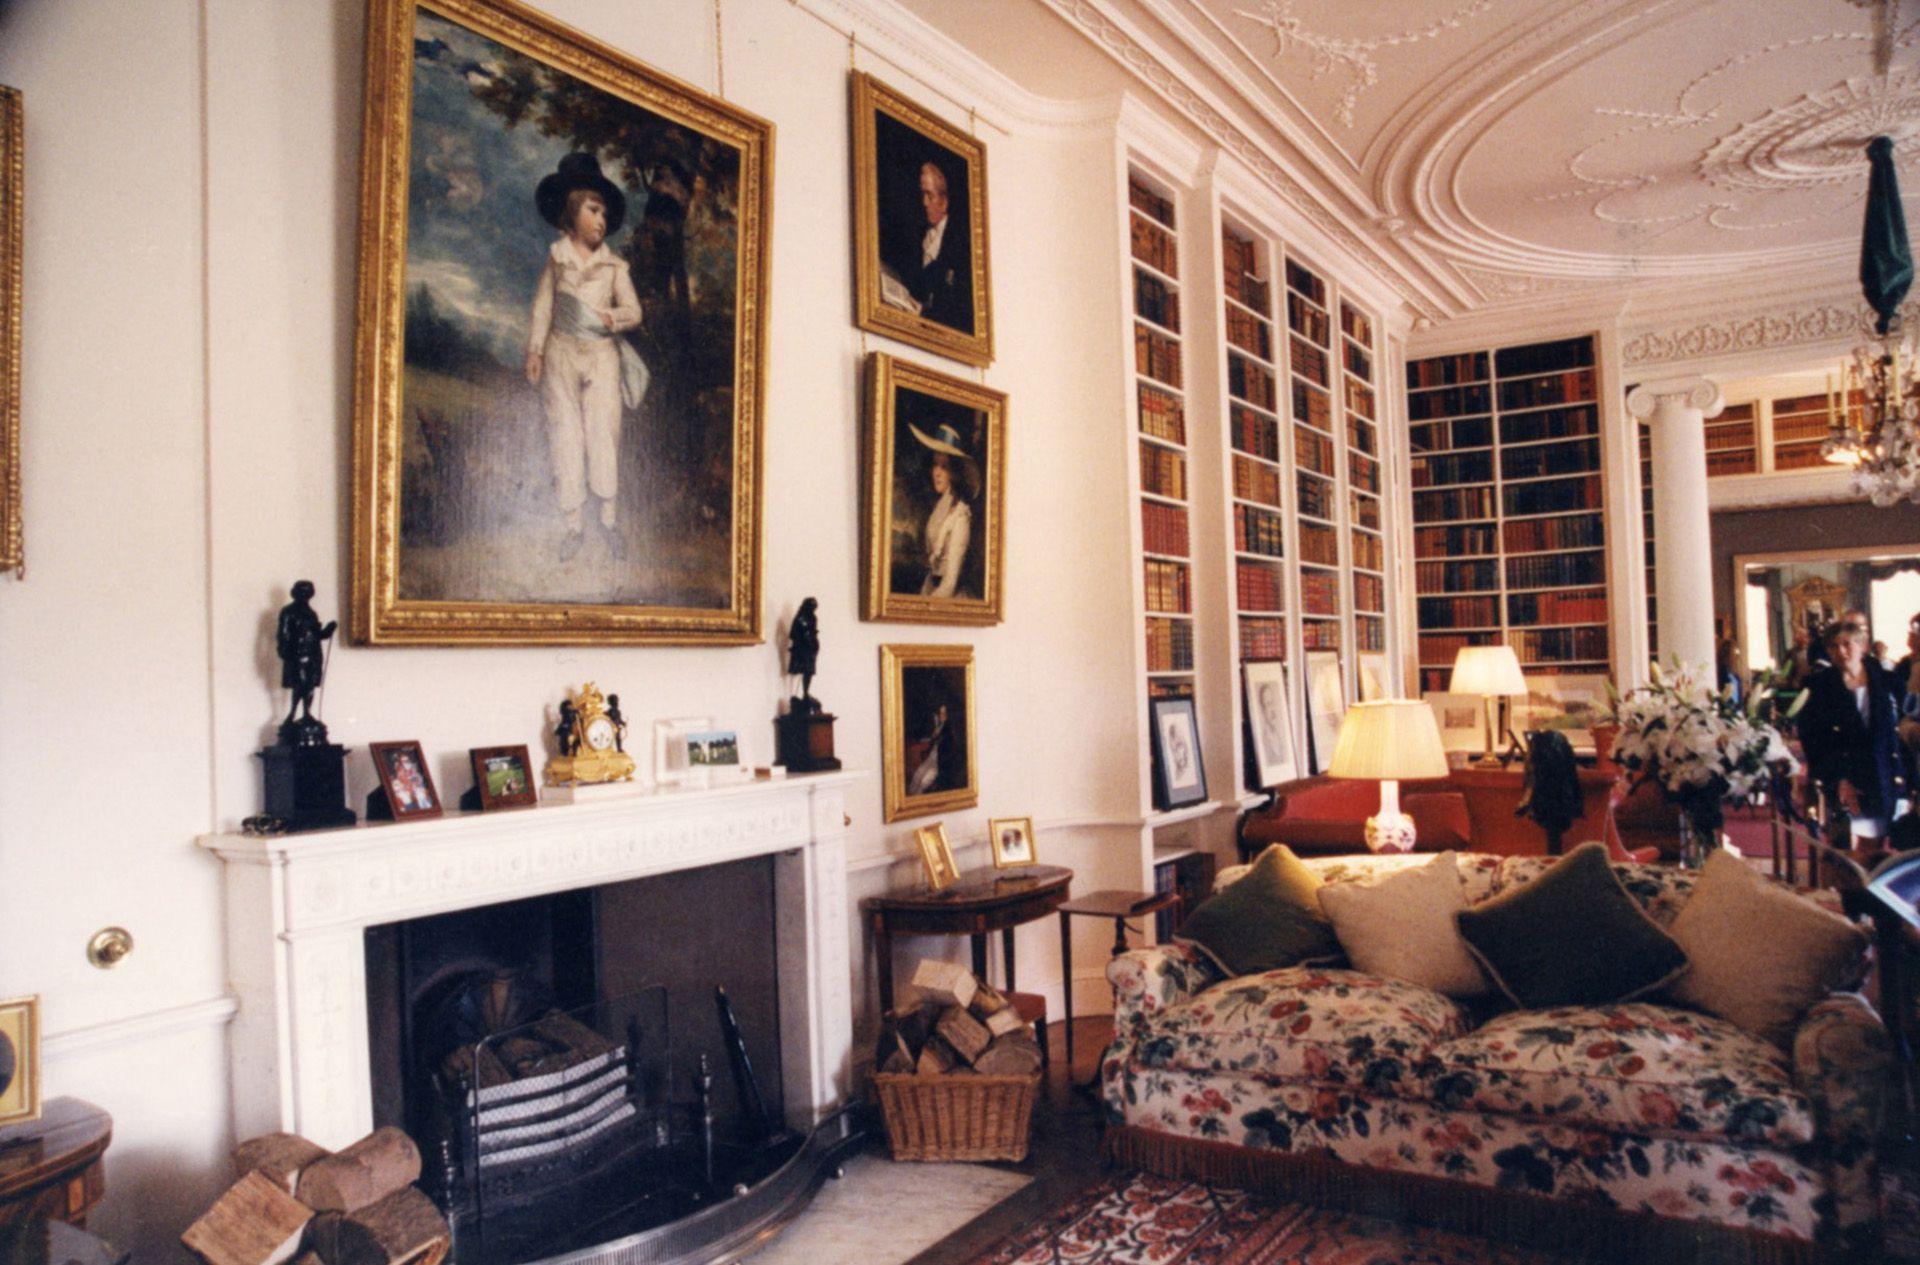 Obras de arte abundan en las salas de la mansión.